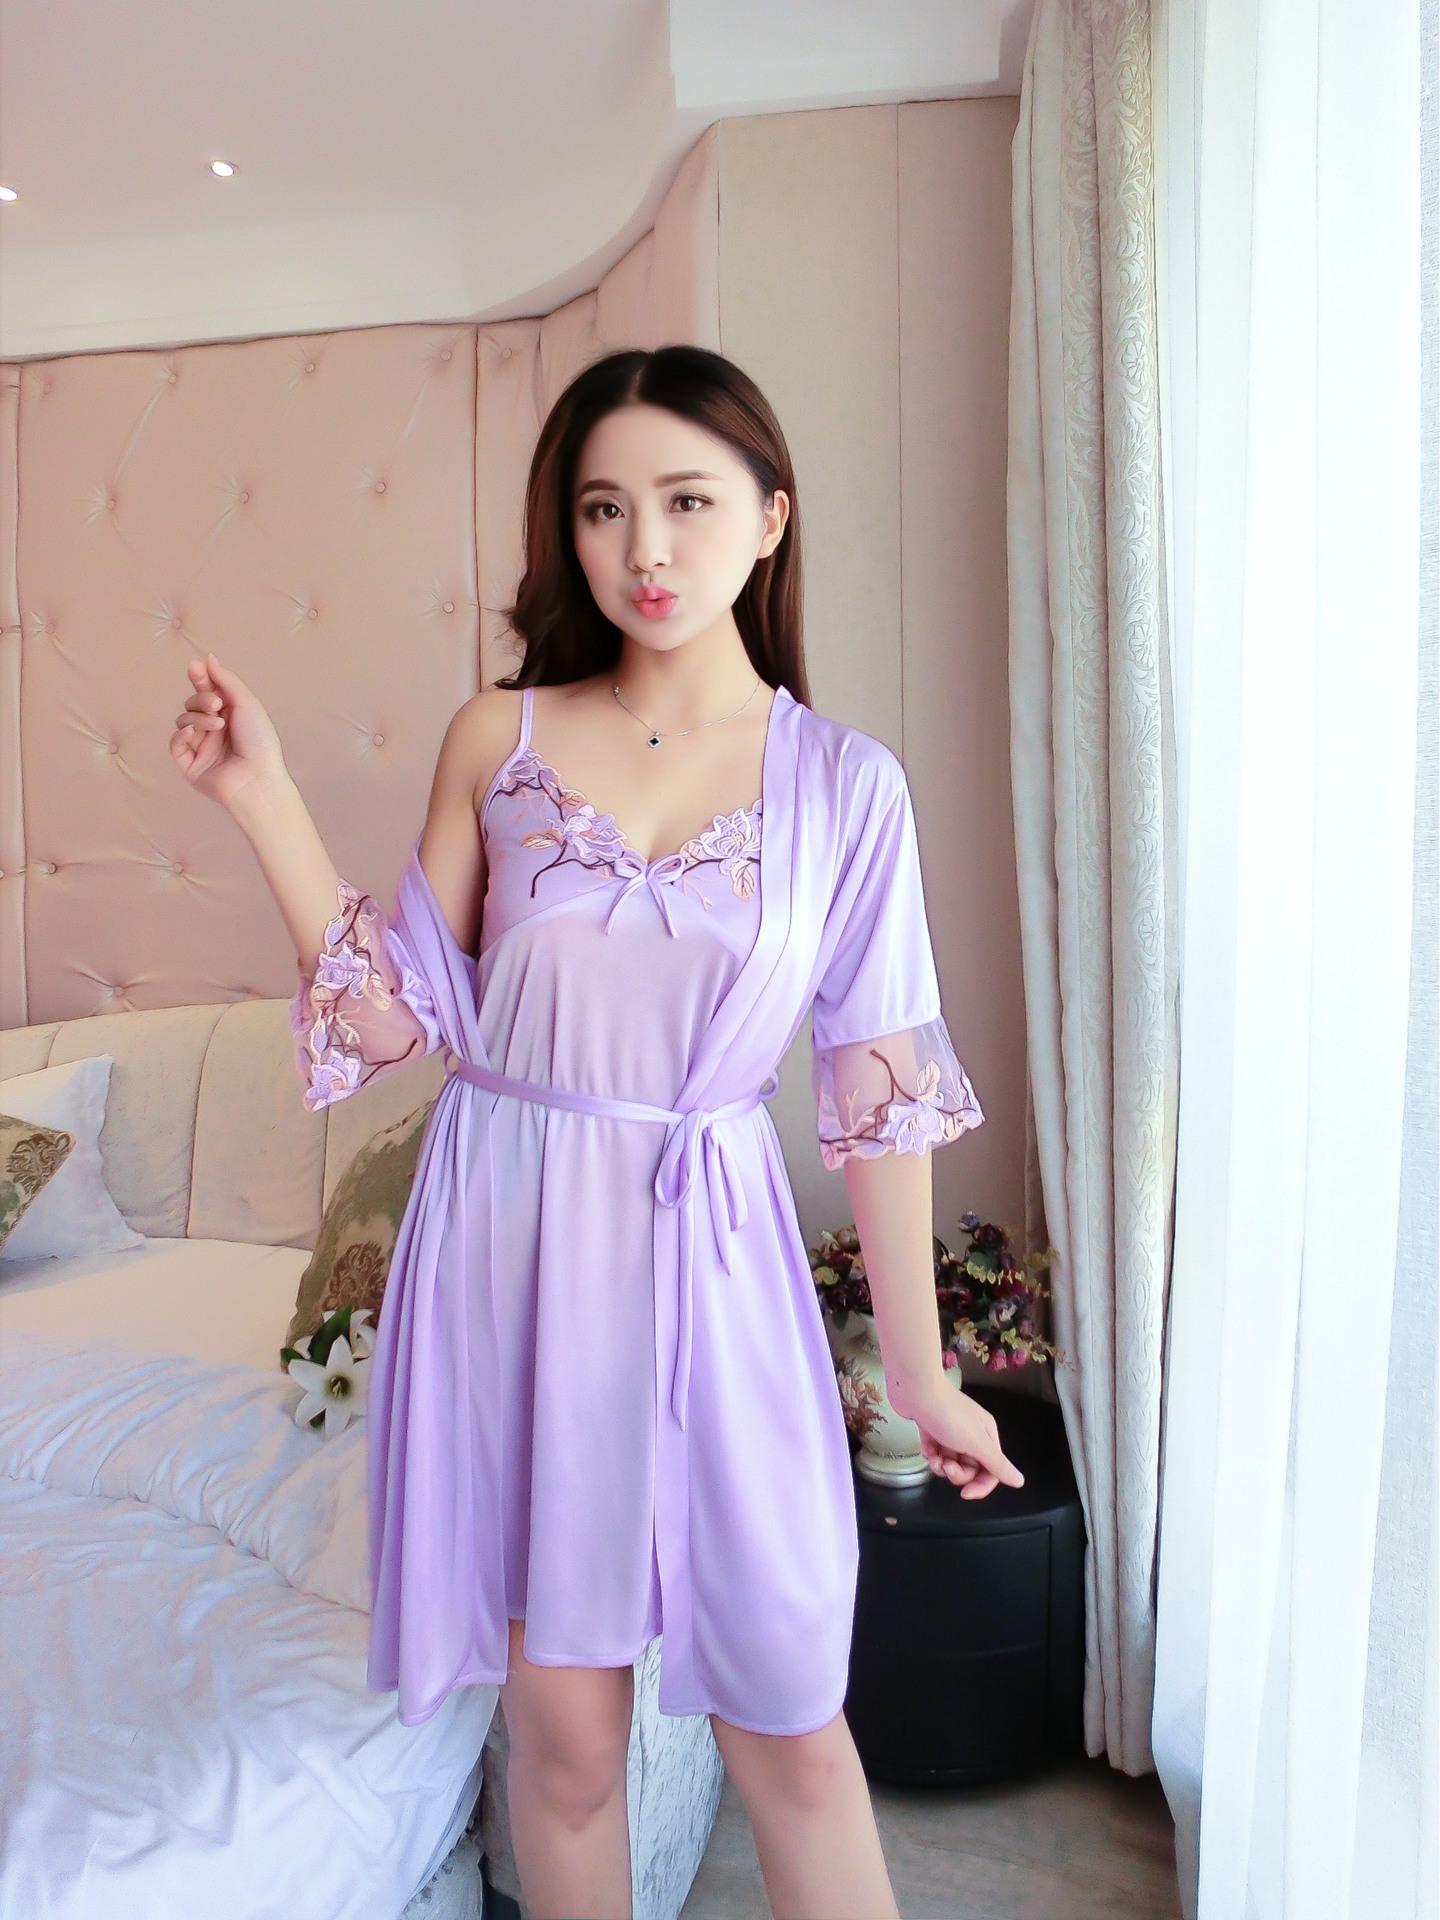 Cửa Hàng Đầm Vay Ngủ Phi Lụa Mat Lạnh Theu Hoa Ngực Kem Ao Choang Ren Tay Sang Chảnh Iw Sx332 Hà Nội